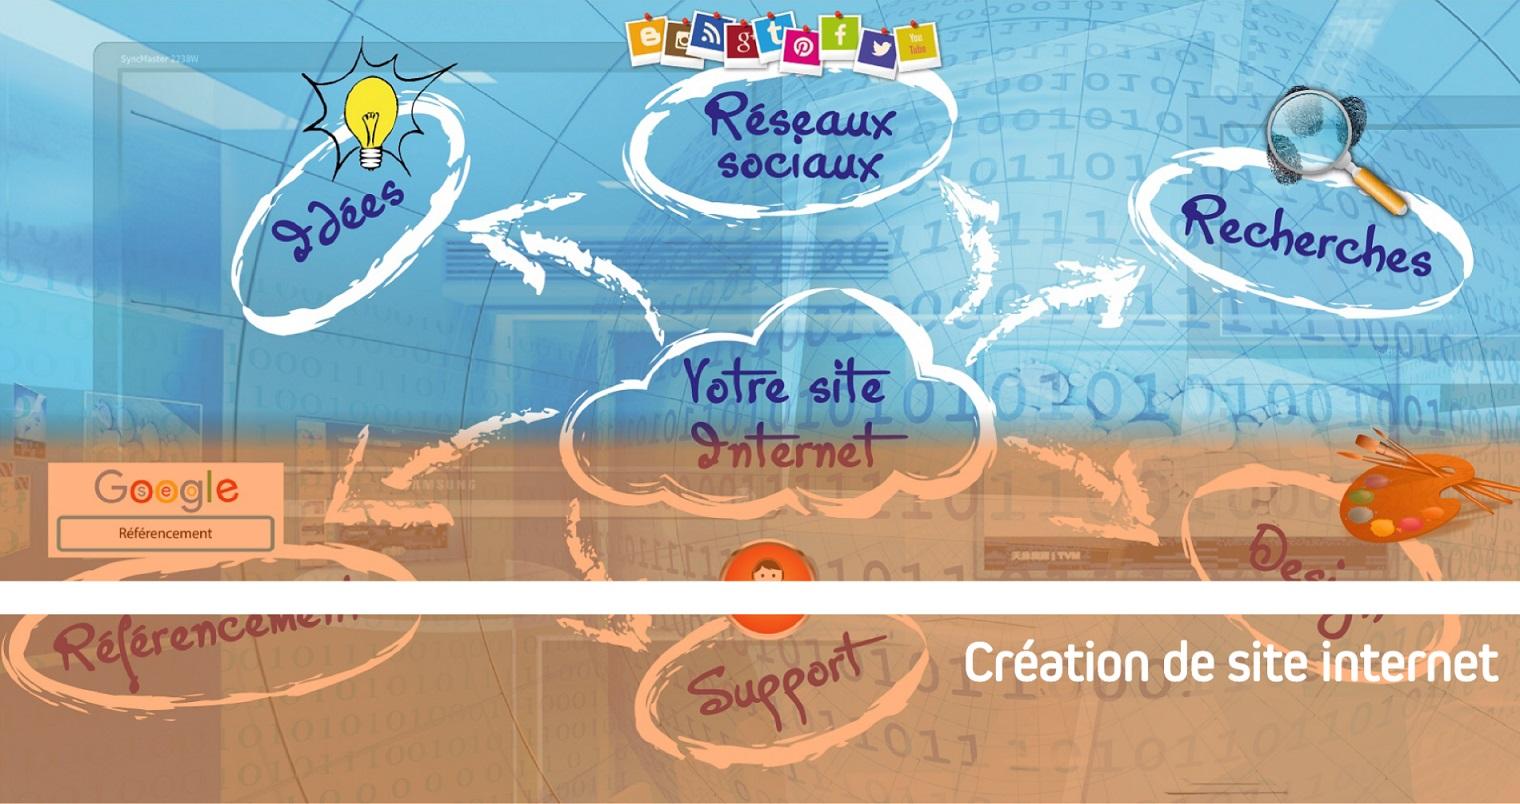 Création de site internet responsive moderne et design, adapté à votre activité